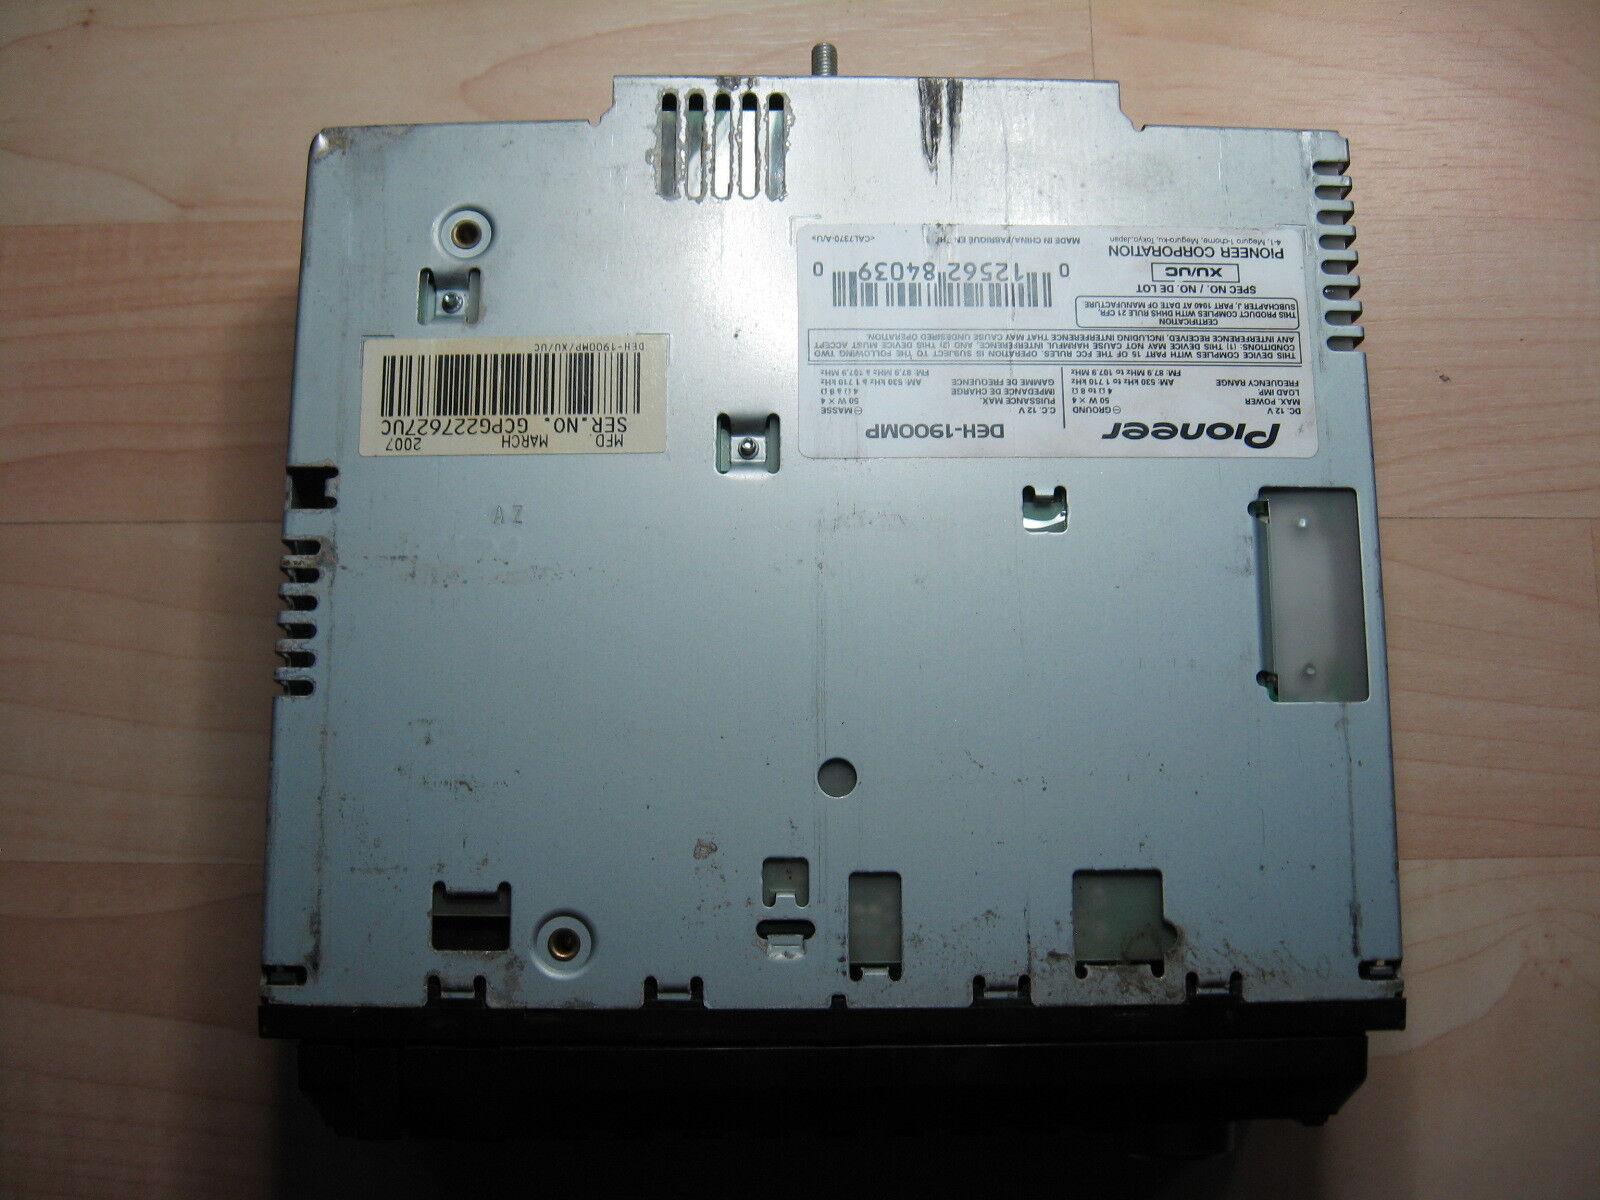 Pioneer Deh 2100 Cd Playerusb Gsxr Dyna 2000i Wiring-diagram Rj45 ...